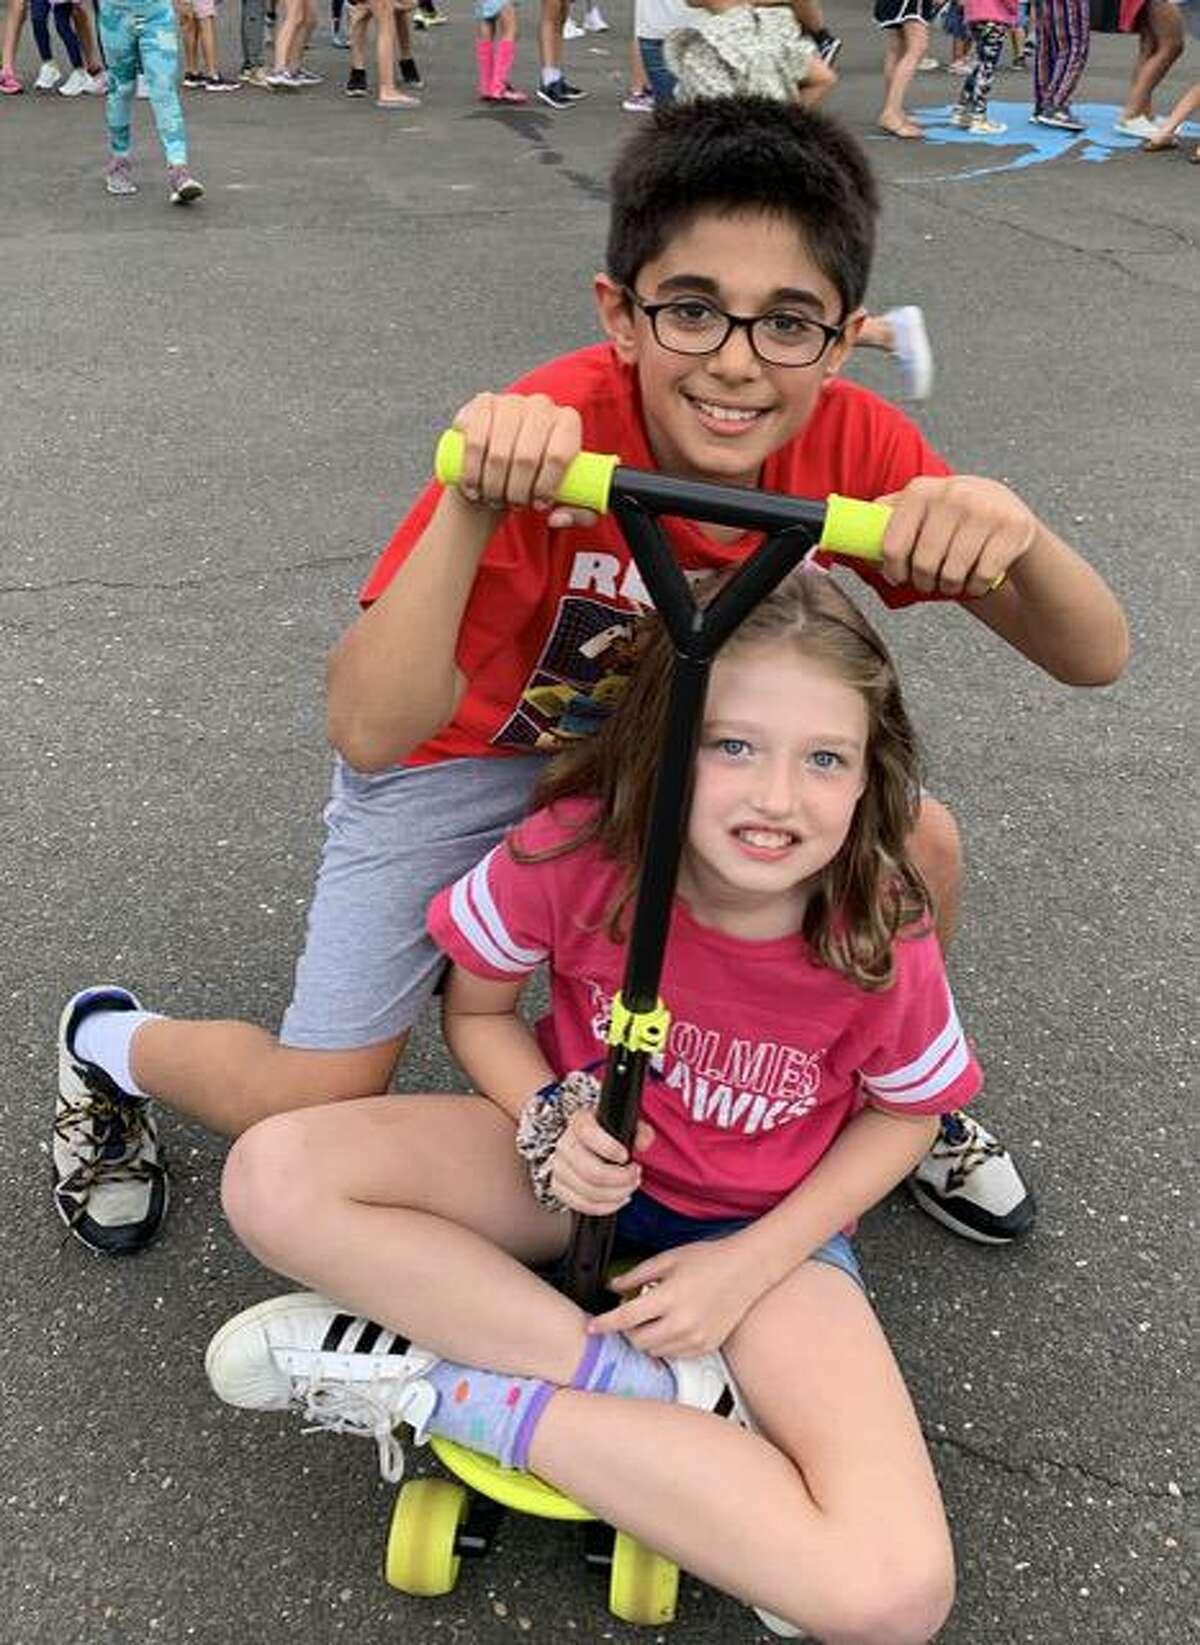 Fourth graders Arjun Sukhrani and Katelyn Nugent